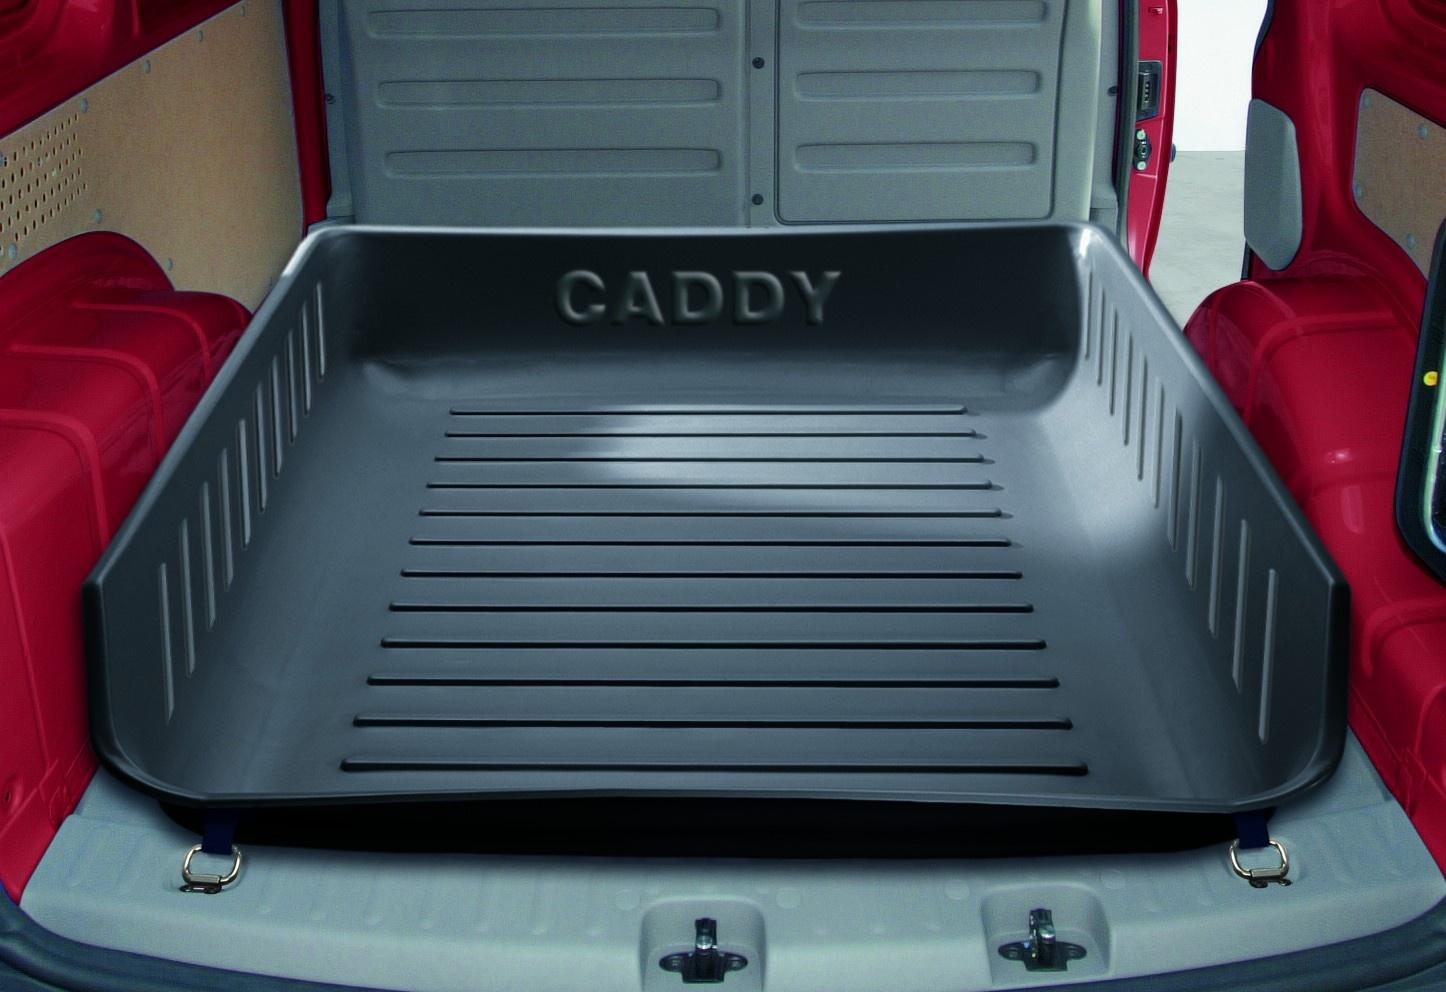 Bandeja maletero Caddy - Ítem1